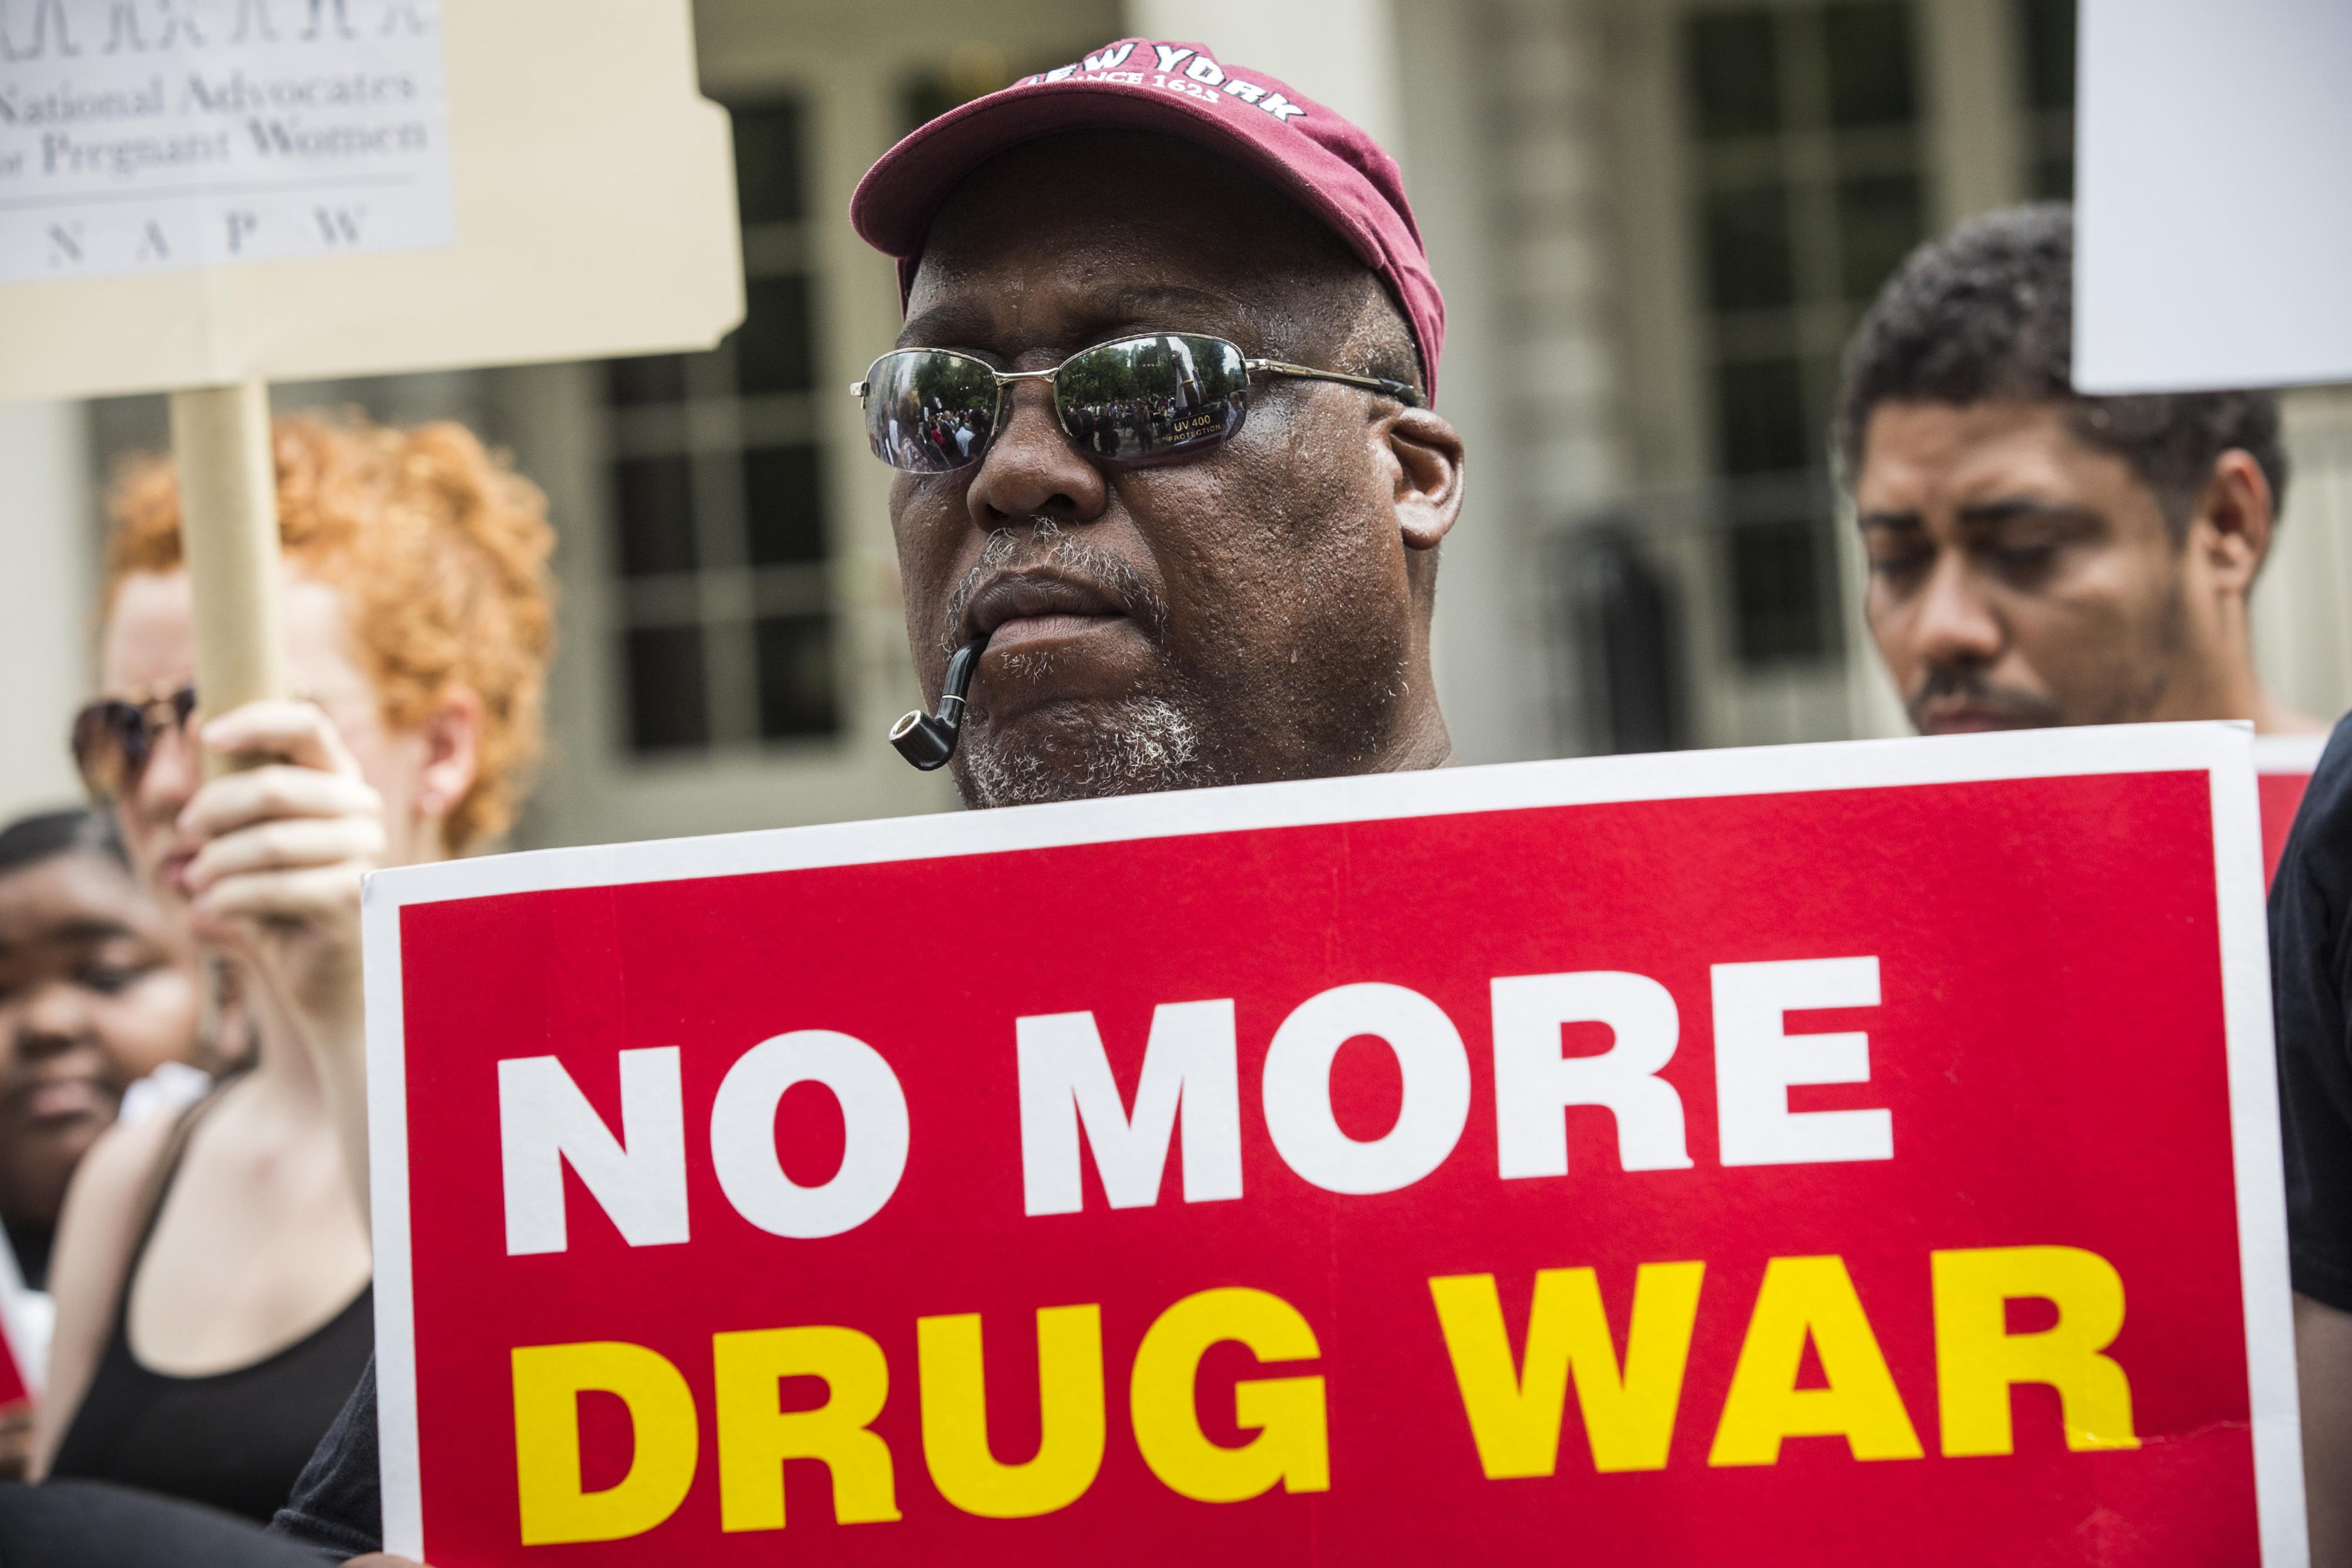 Pentagon - the main drug dealer in Syria 15